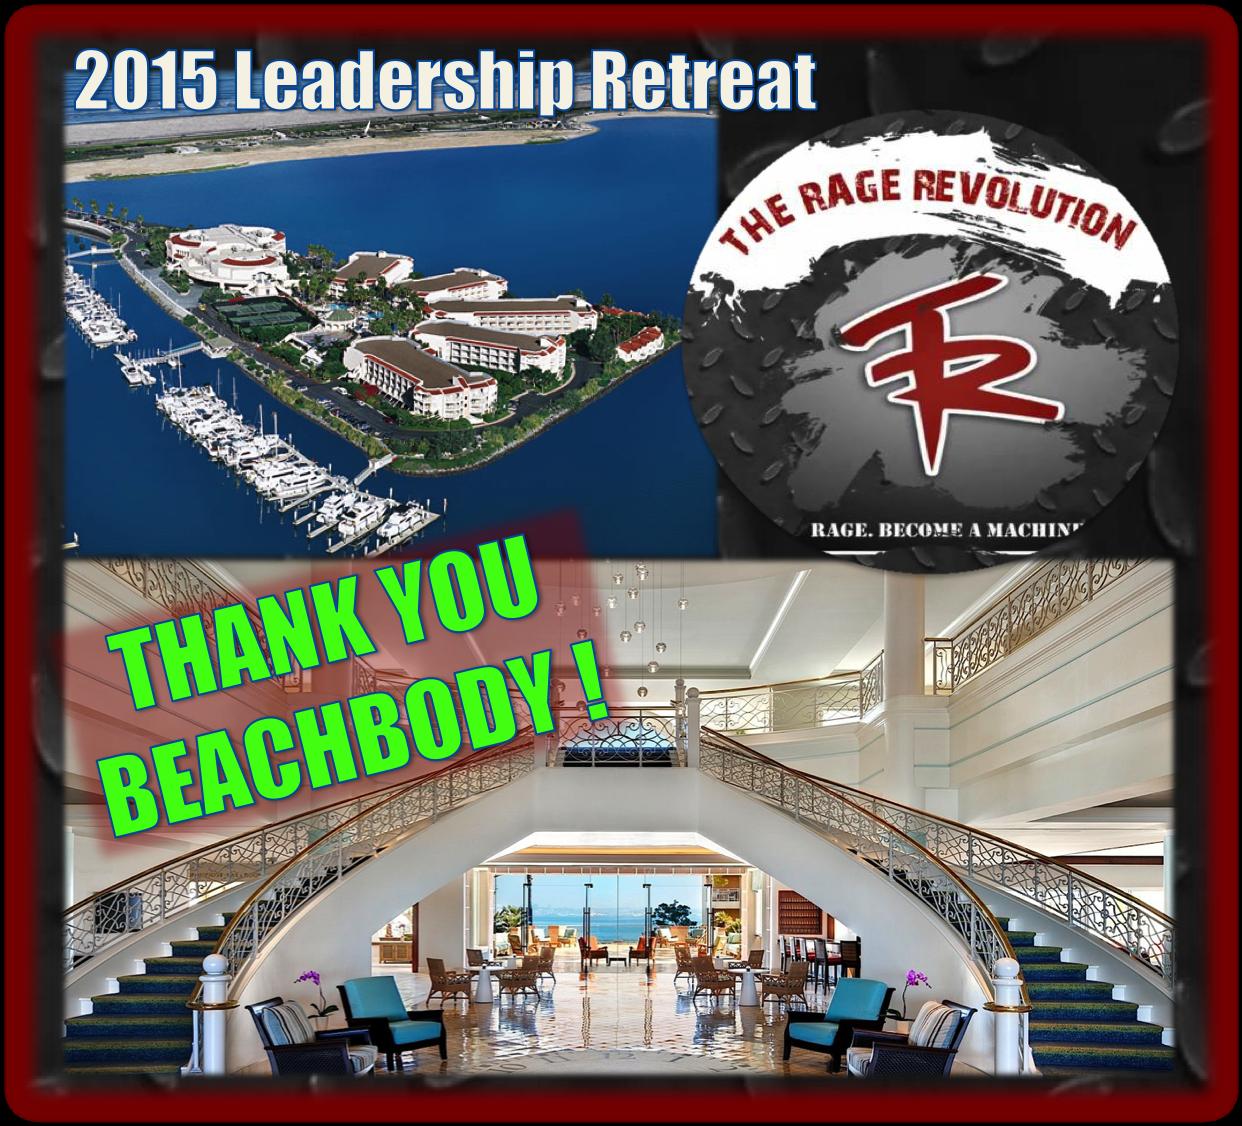 2015 Beachbody Leadership Retreat